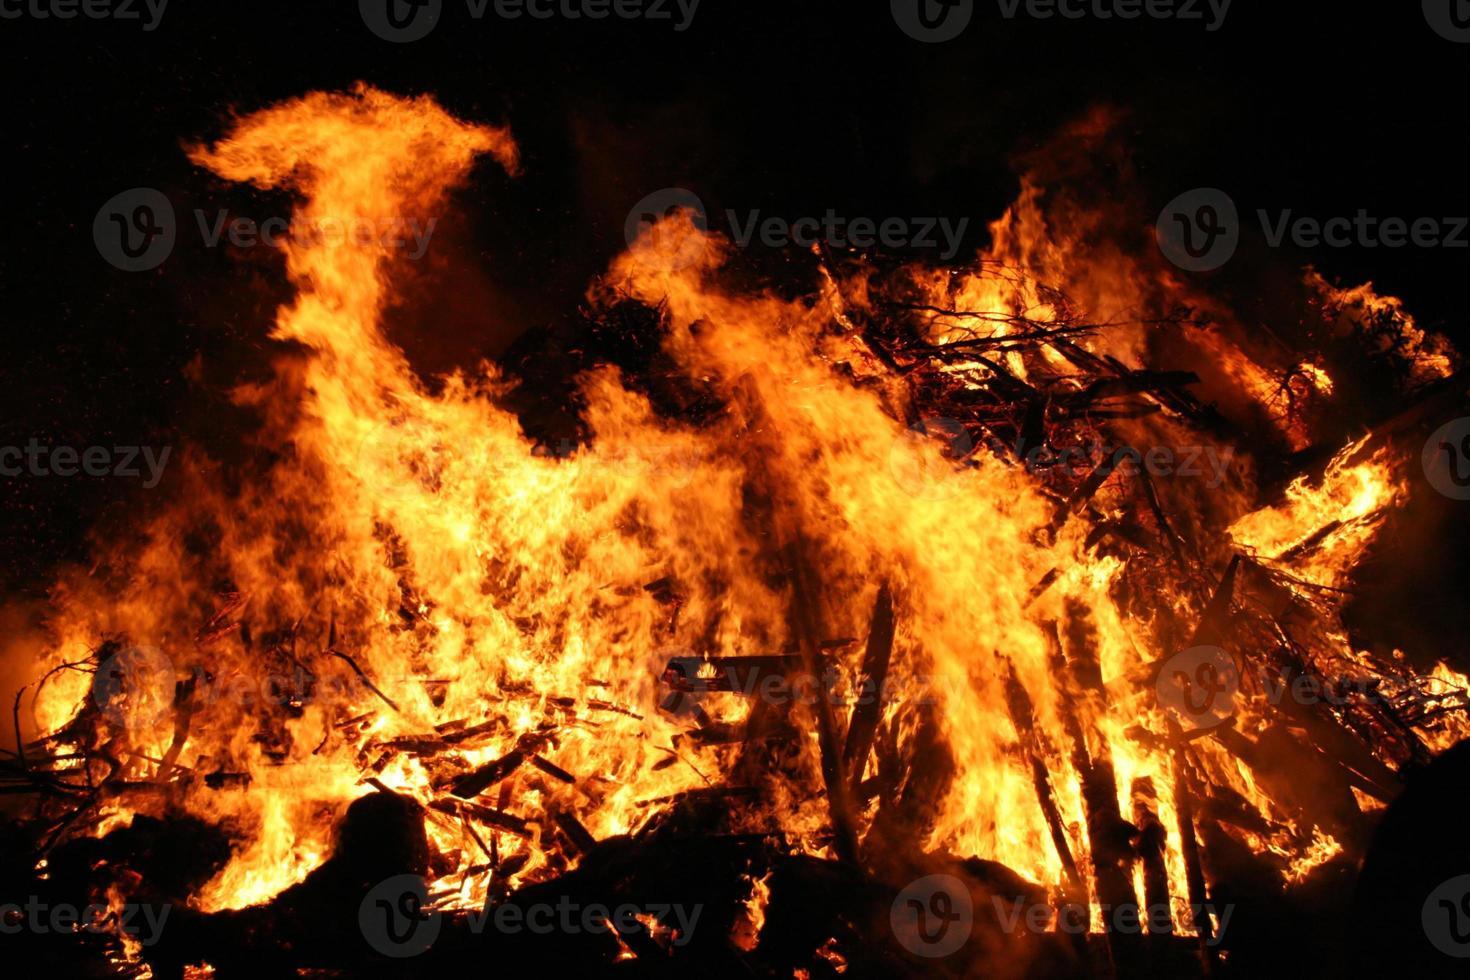 förbränning i en mörk natt foto